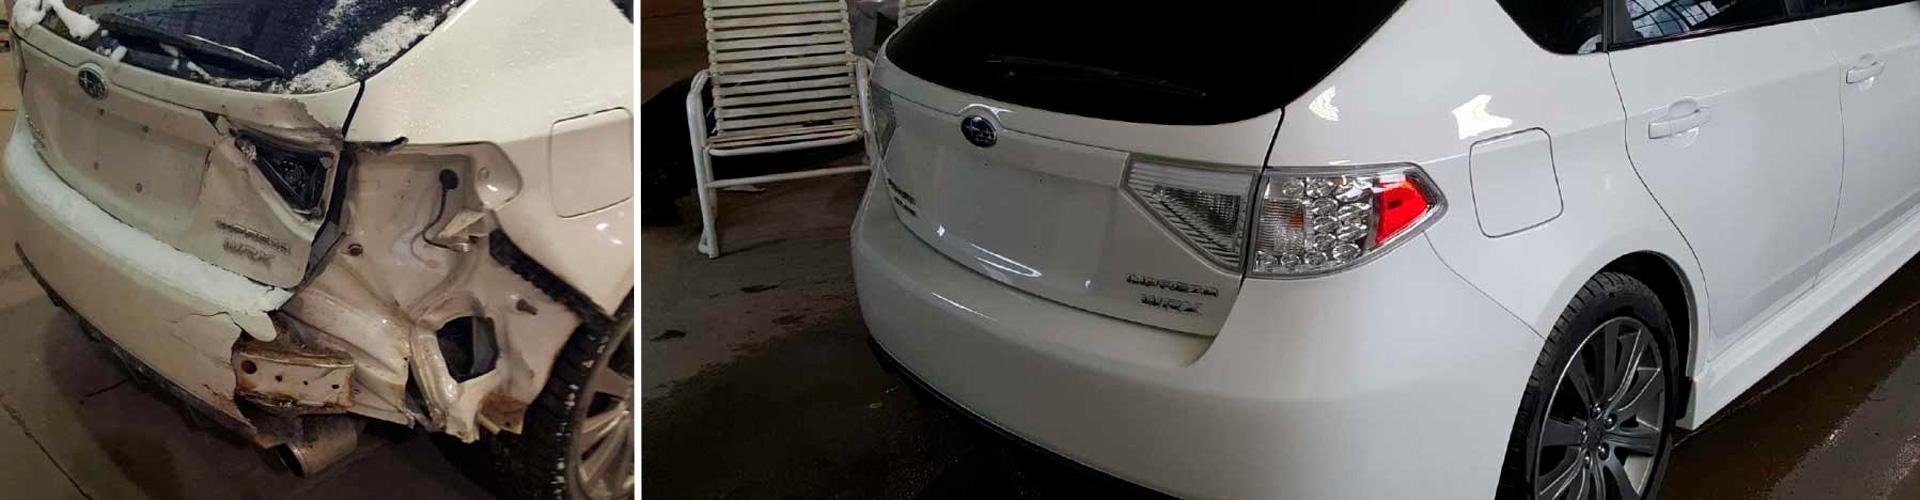 Автомобиль до и после ремонта кузова